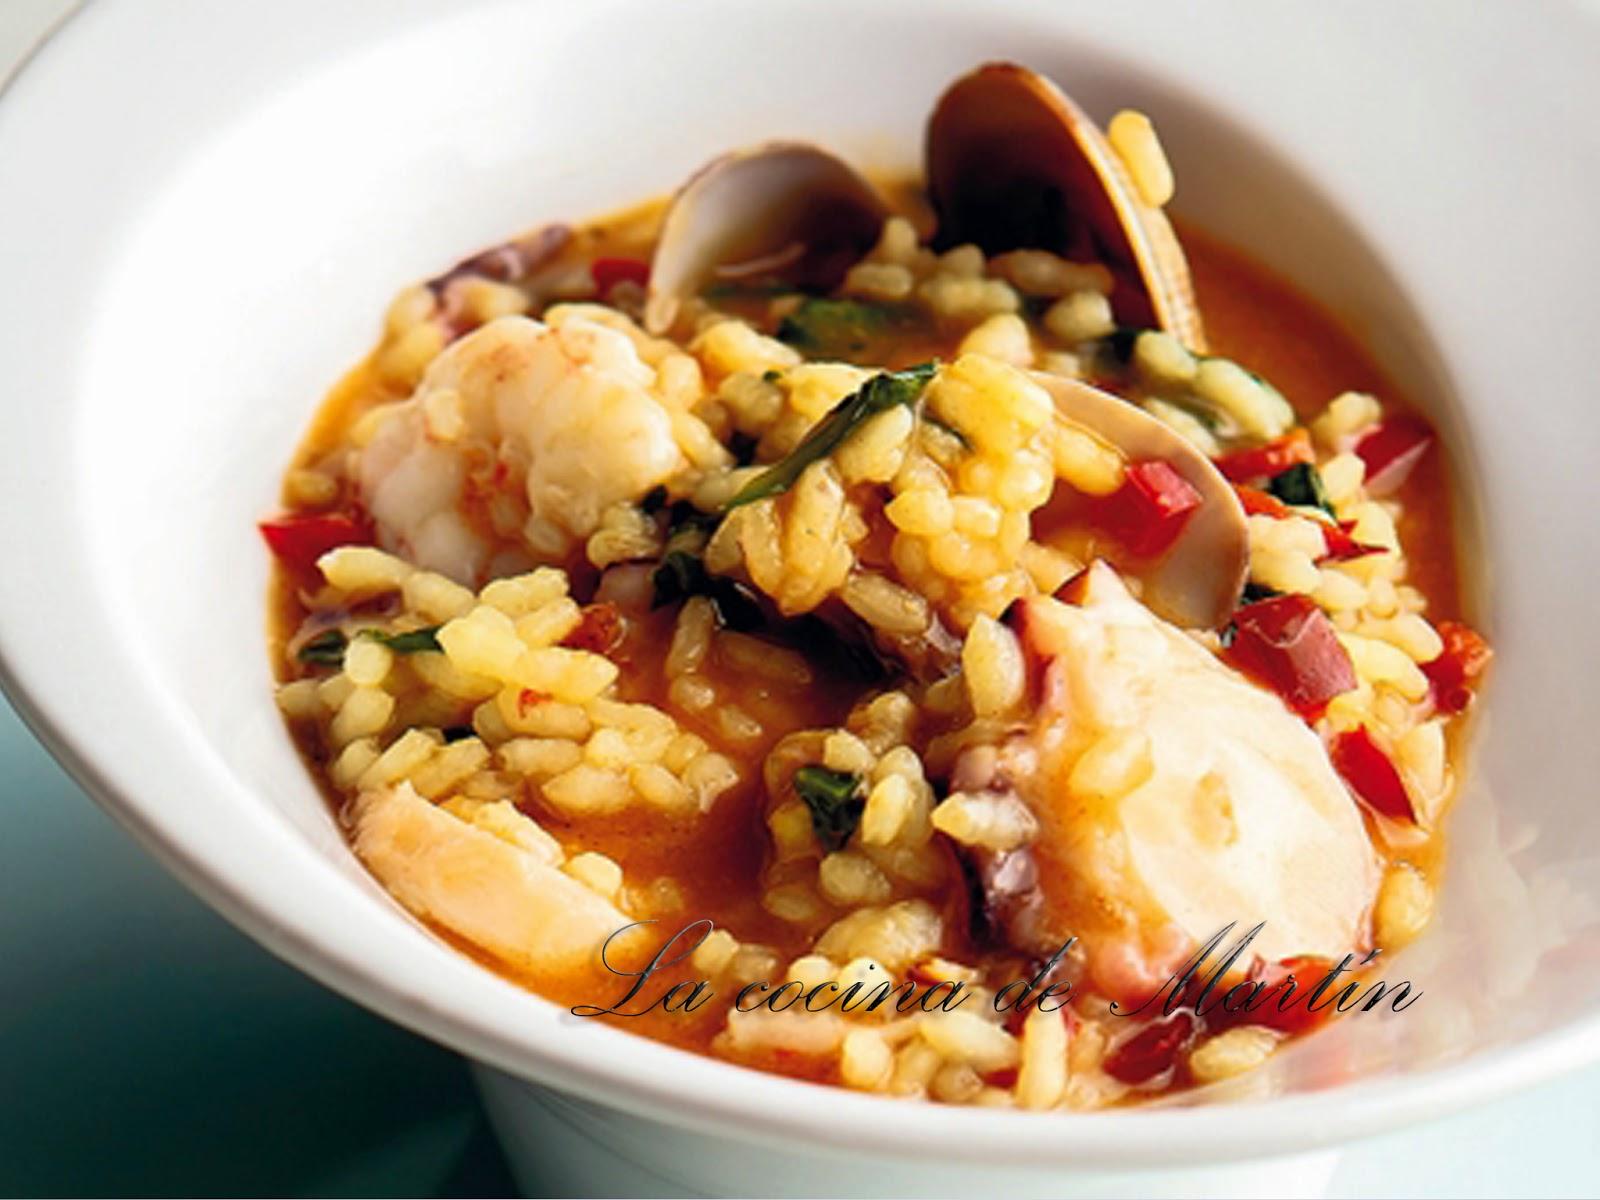 La cocina de mart n arroz caldoso con pulpo almejas y gambas - Arroz con gambas y almejas ...